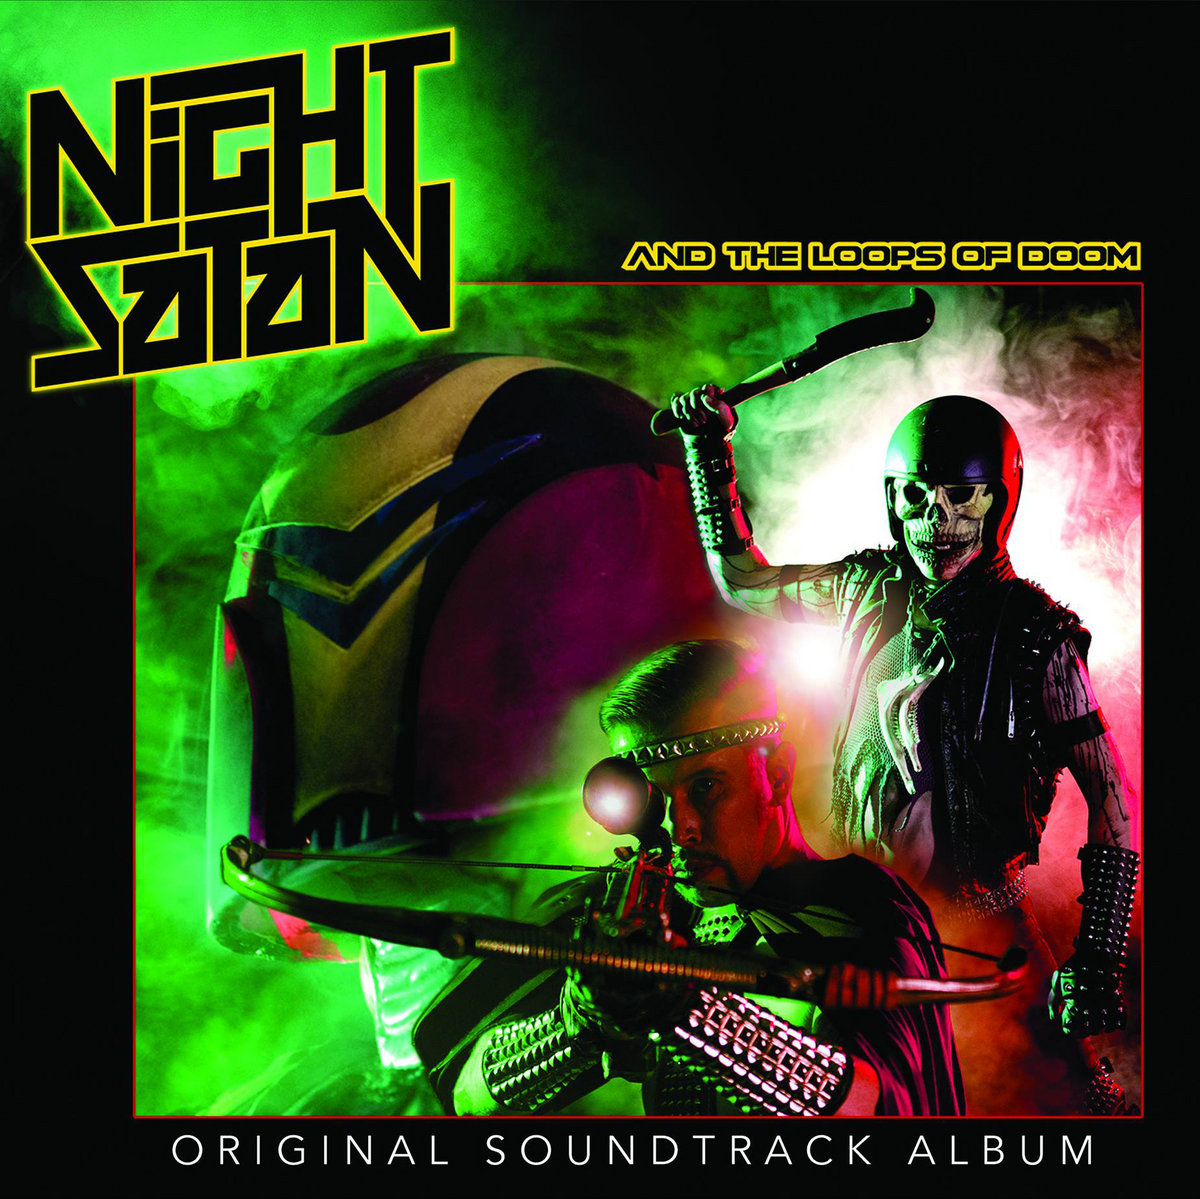 Nightsatan and the Loops of Doom | Nightsatan